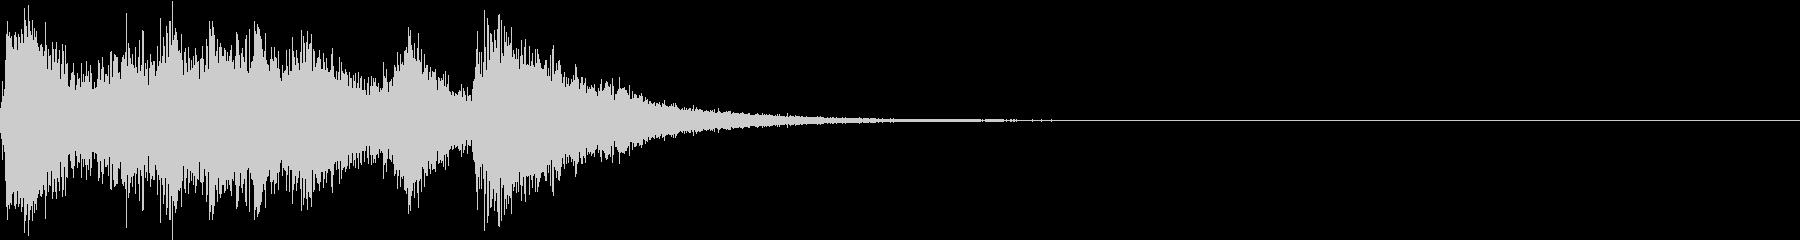 ファンファーレ オーケストラ 発表 01の未再生の波形